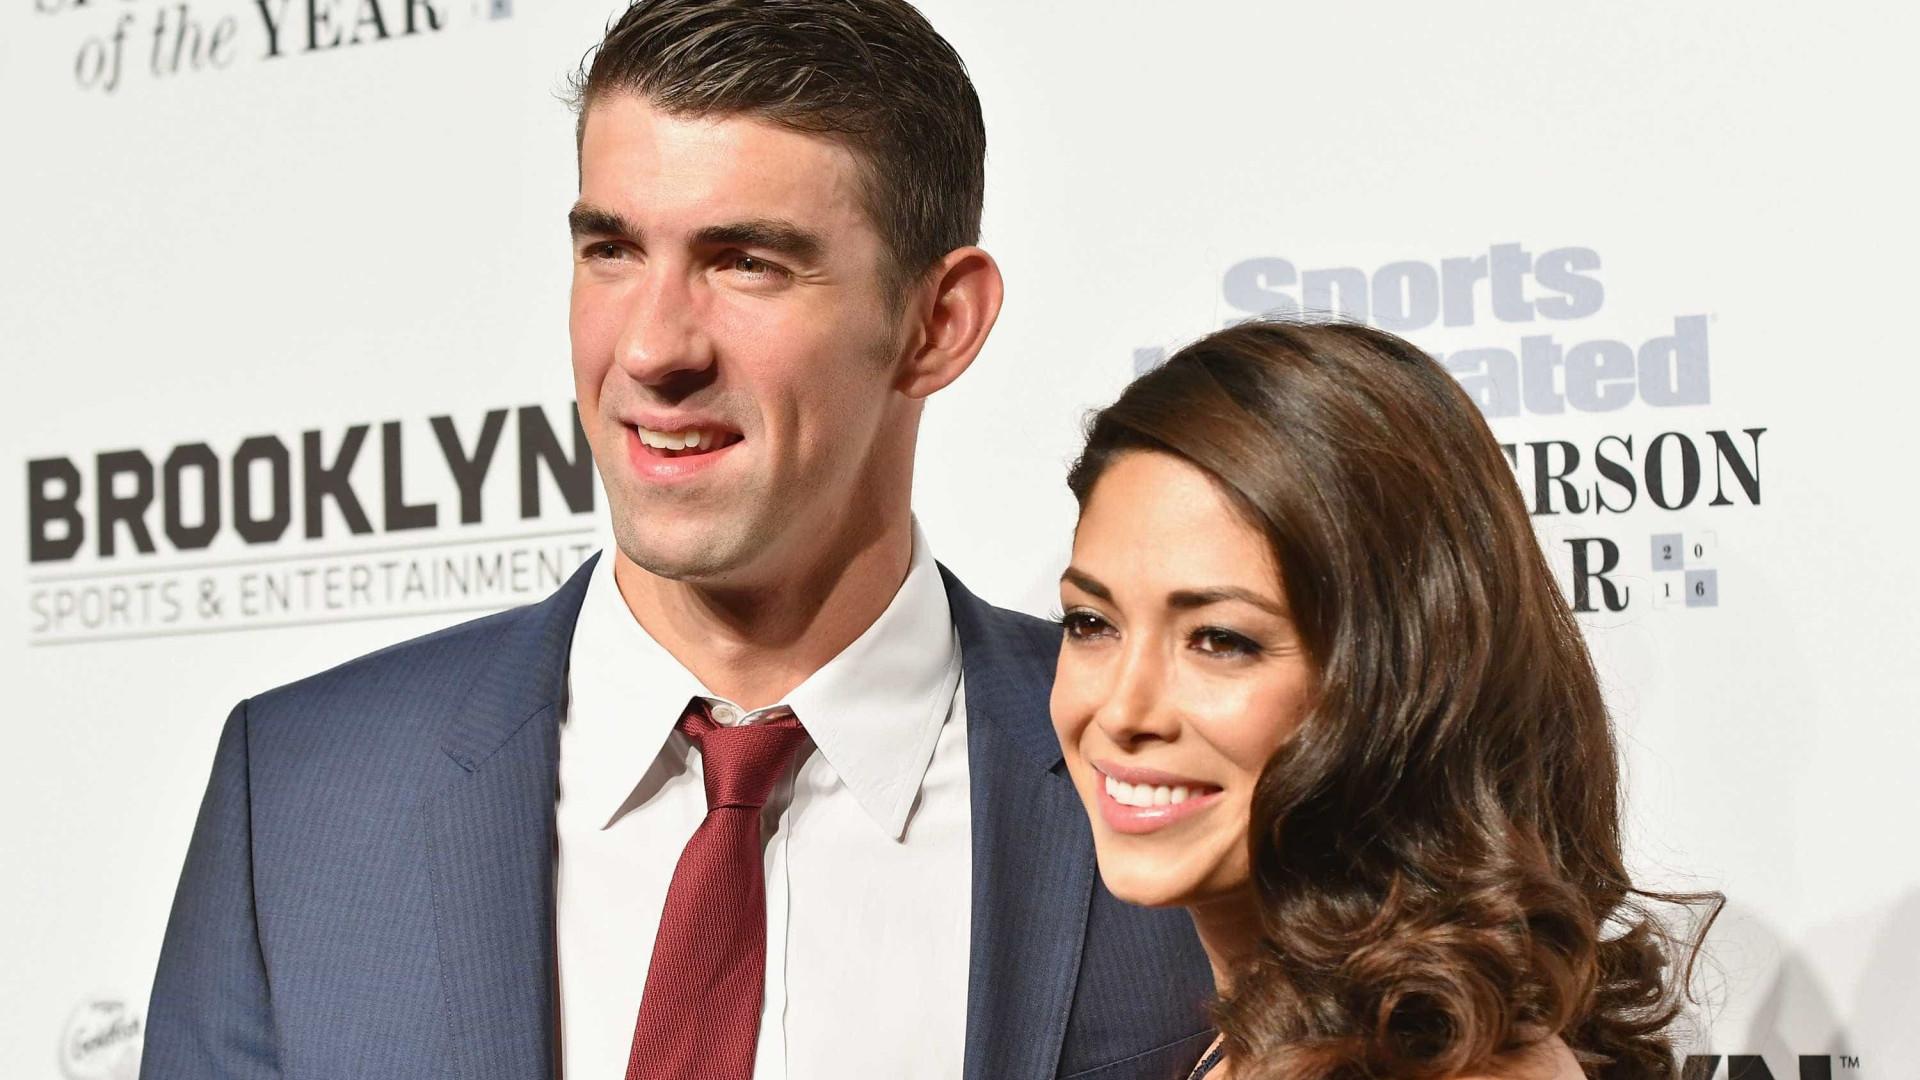 Michael Phelps partilha imagem ternurenta com o filho